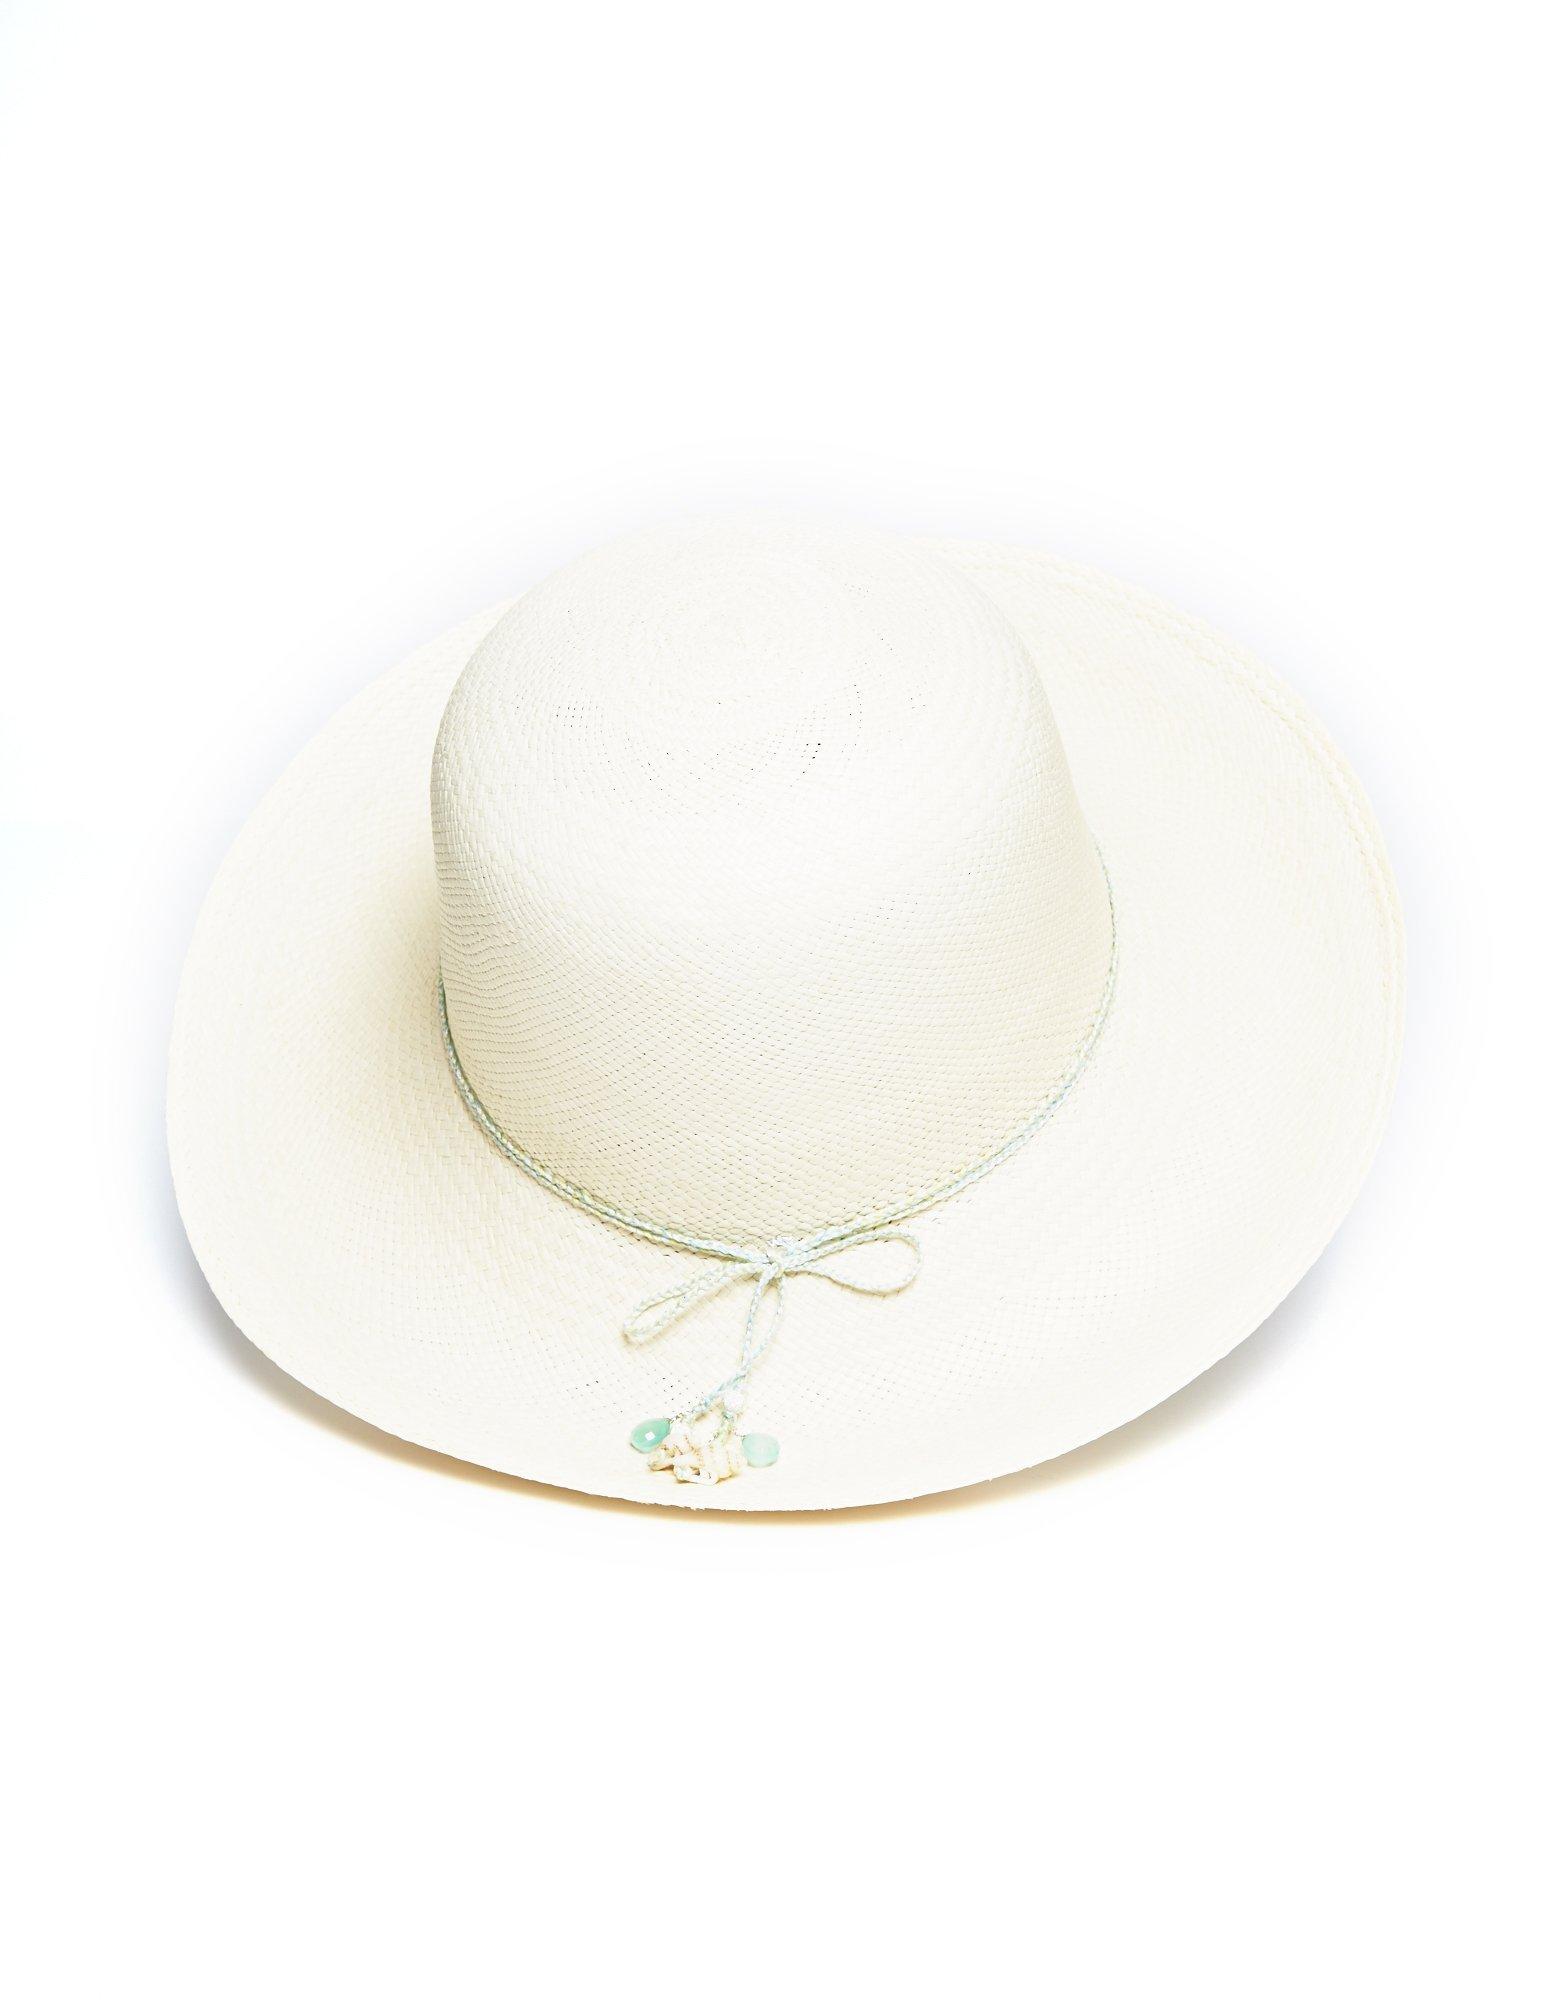 White Lanikai Panama Hat